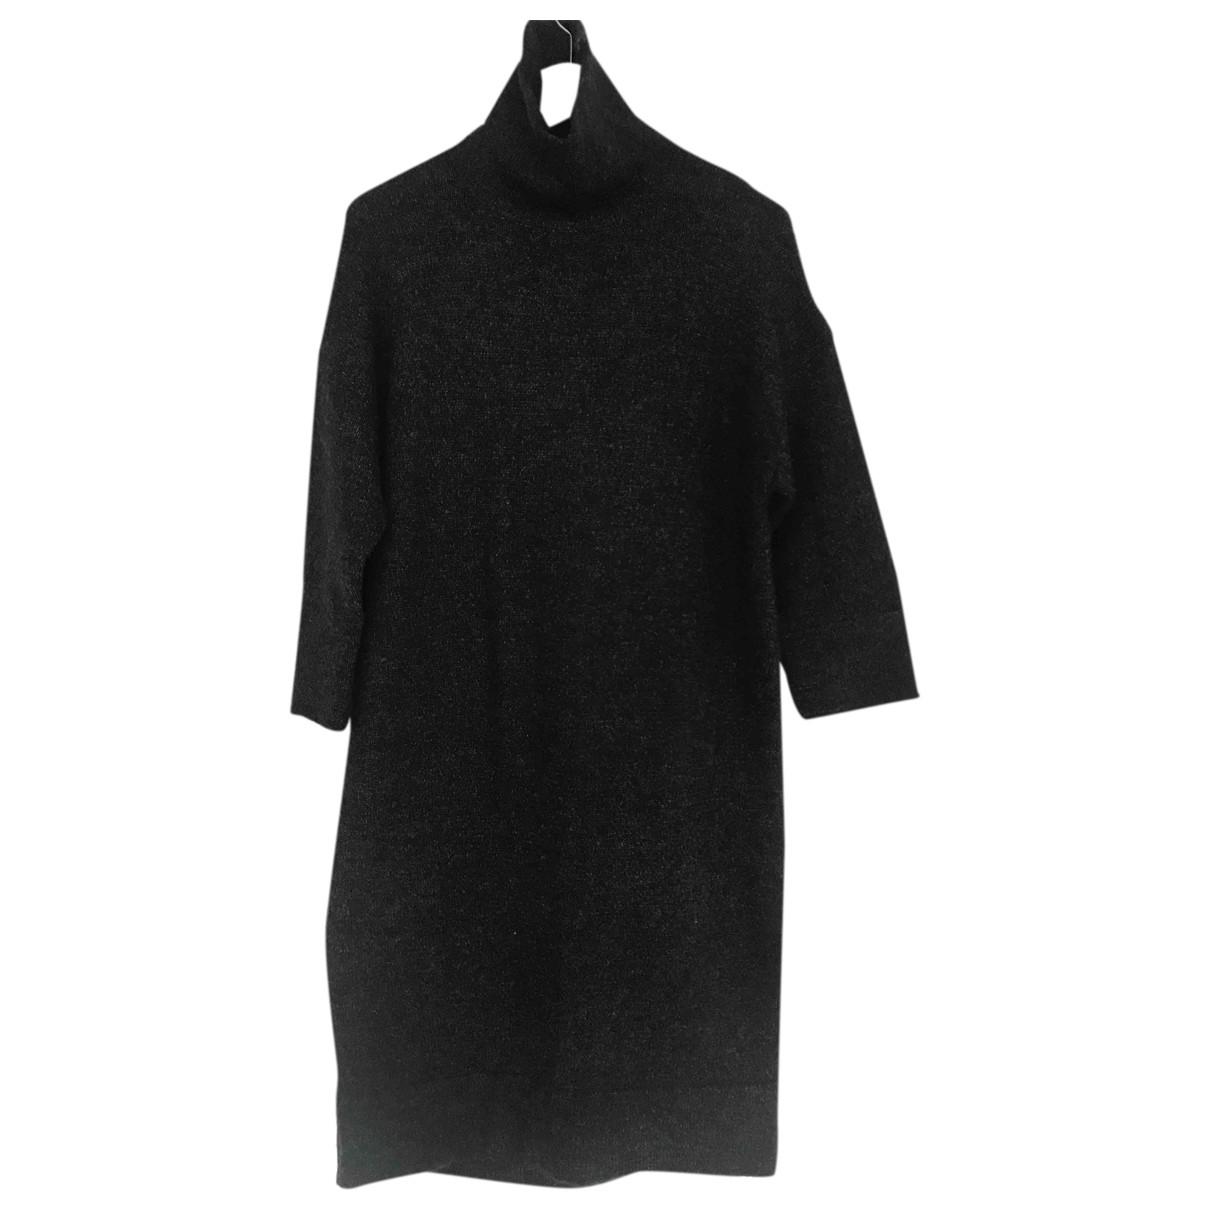 Zara \N Kleid in  Grau Wolle